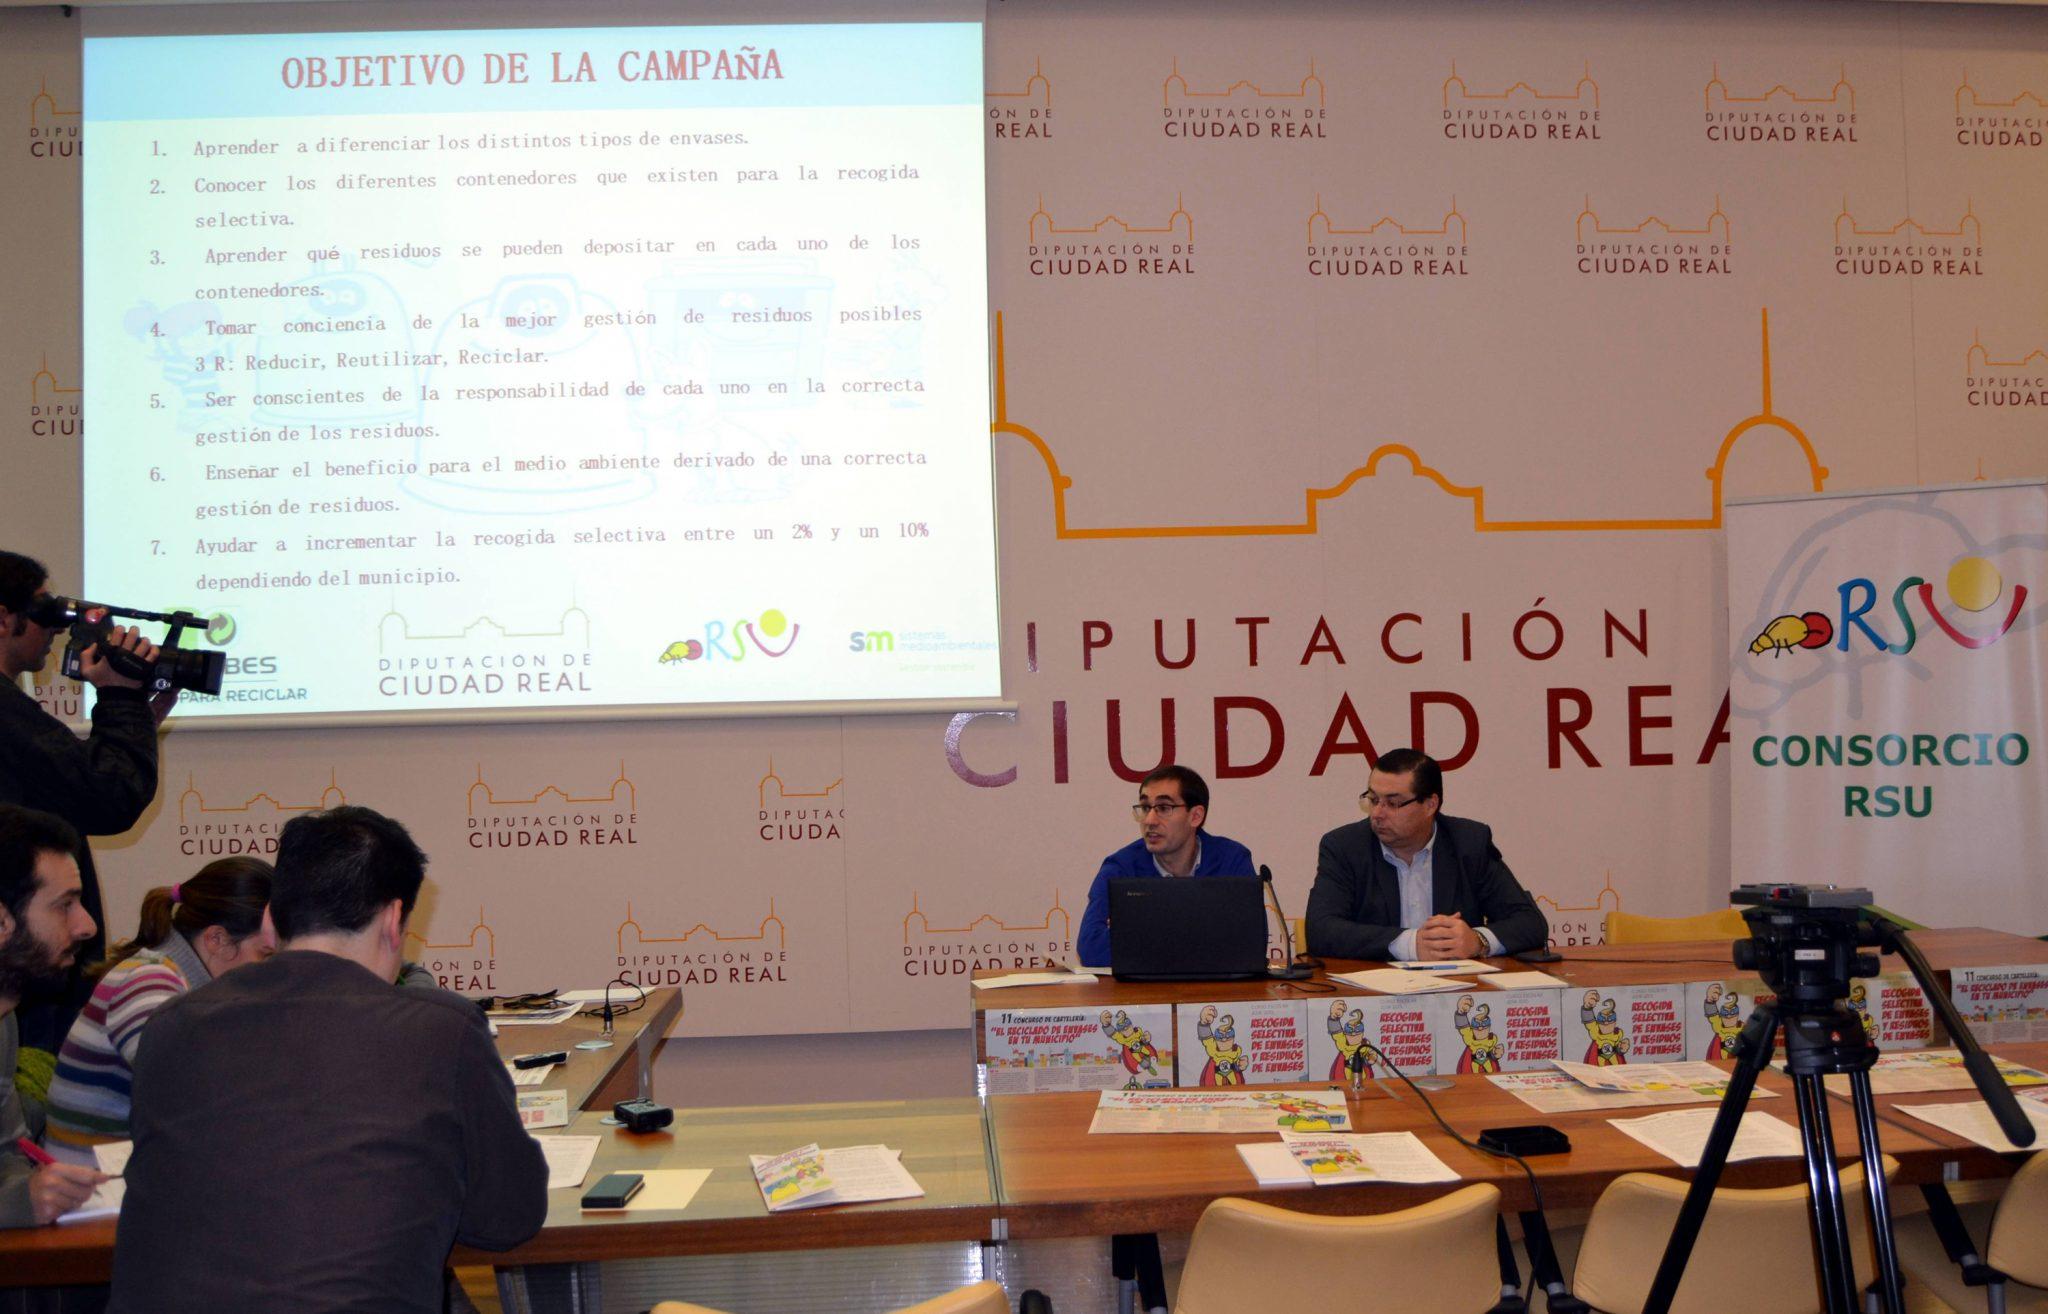 El Consorcio de Residuos Sólidos Urbanos de Ciudad Real presentó la Campaña de Educación Ambiental 2015